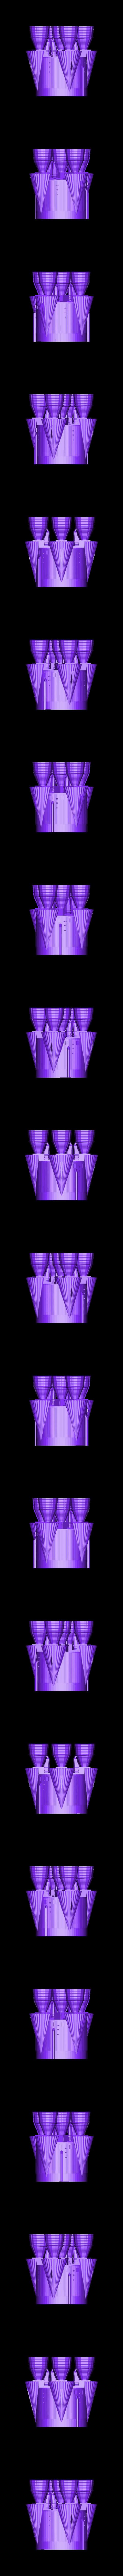 S-I bottom part b.stl Download free STL file Saturn V Rocket - Stage 1 • 3D printable template, spac3D